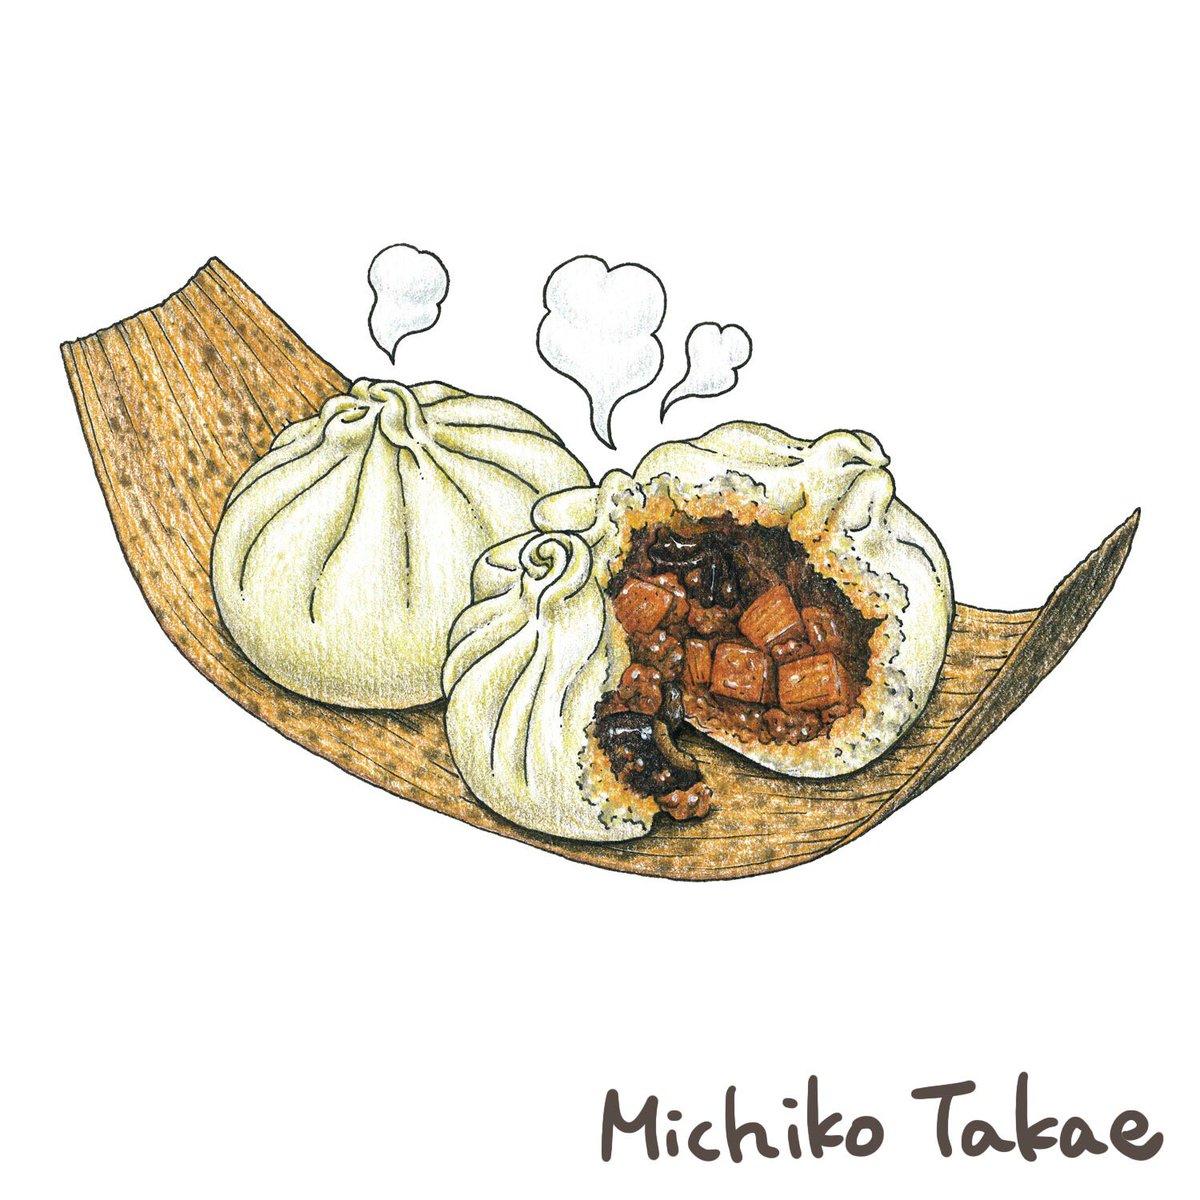 たかえみちこ On Twitter 茶寮 At 札幌肉まん Httpstco